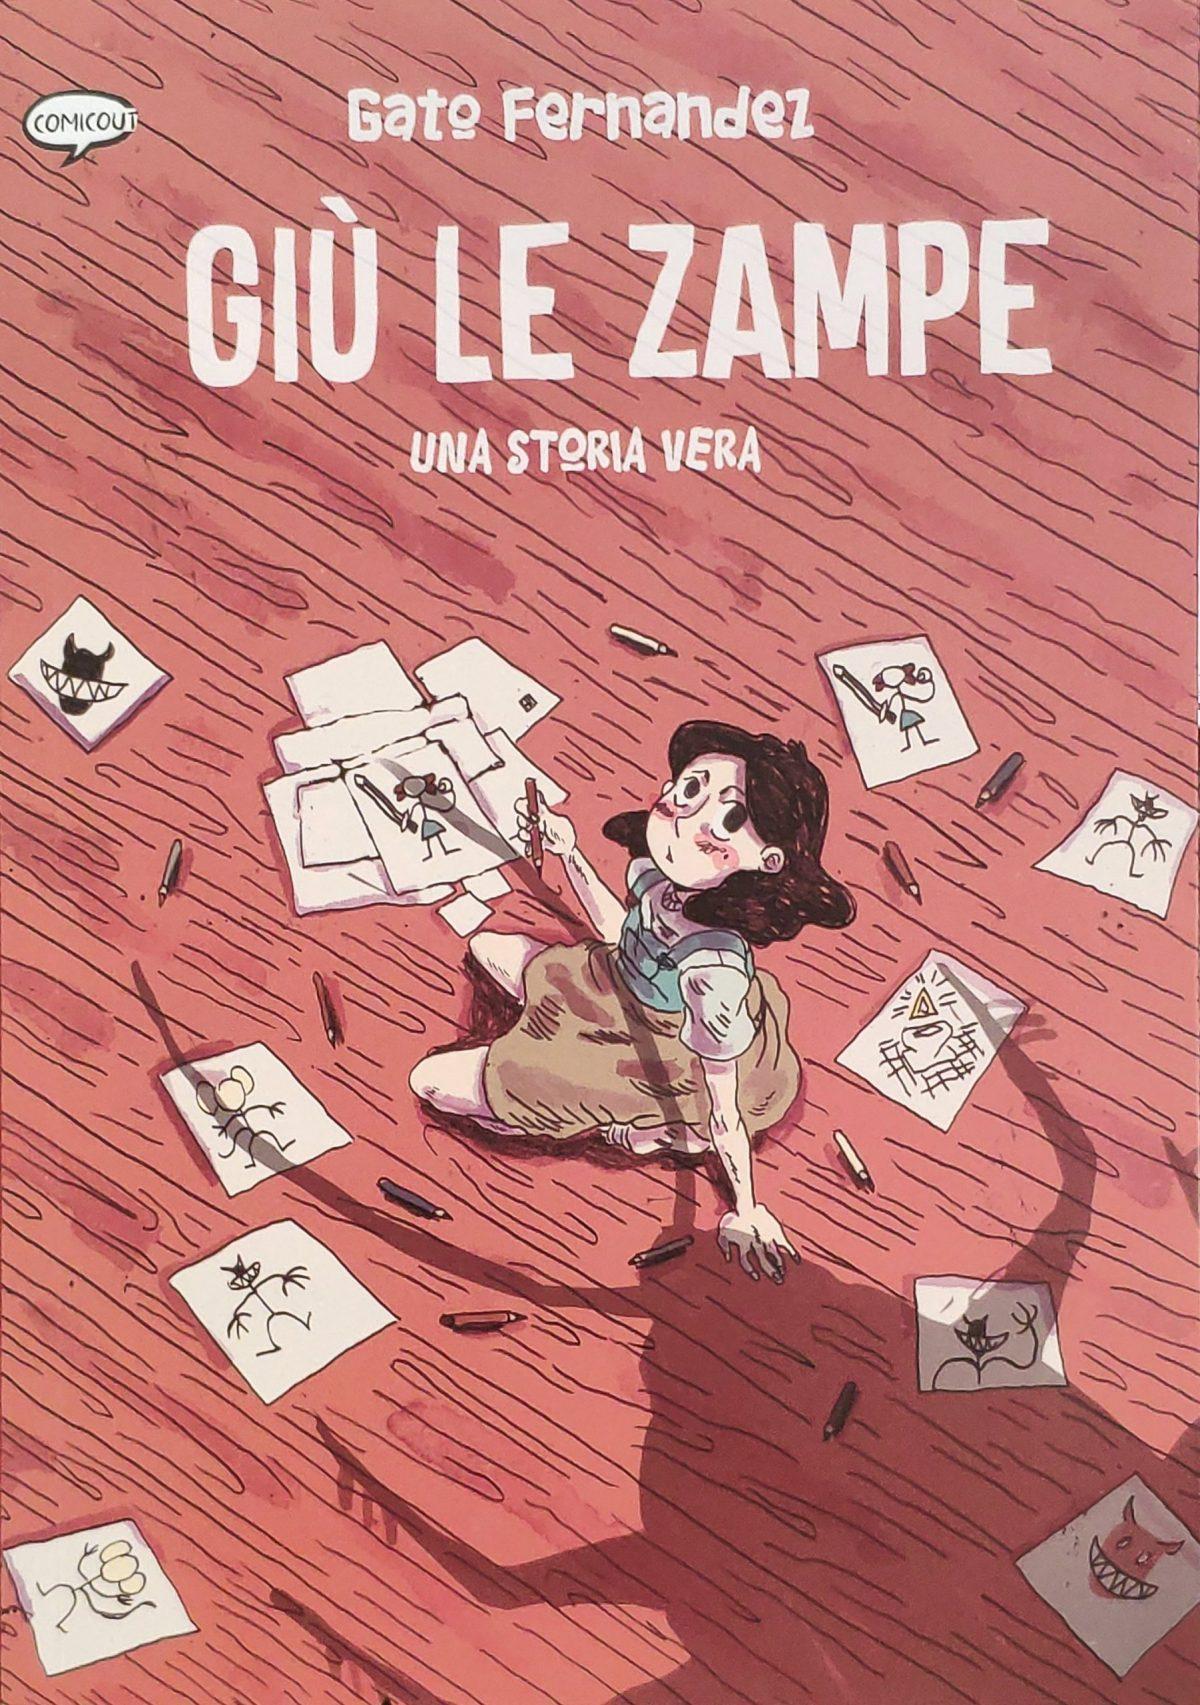 Mio caro fumetto... - Copertina di Giù le zampe di Gato Fernández pubblicato da ComicOut